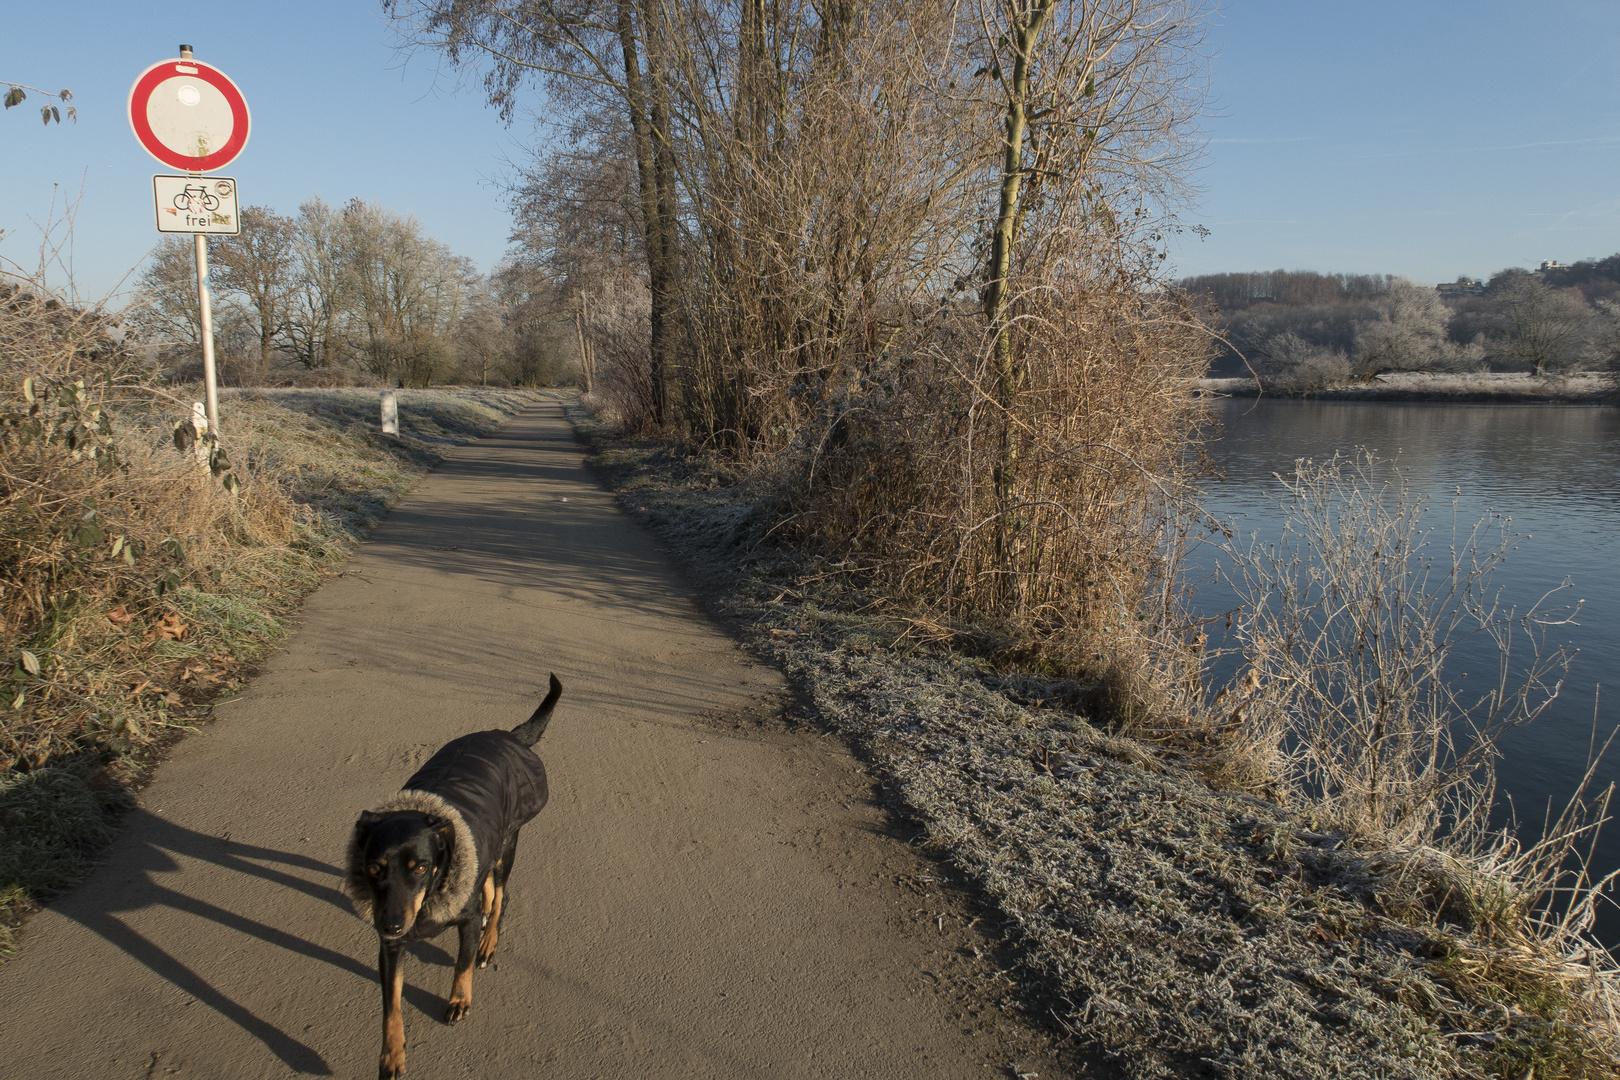 """2s. vor Aufnahme! Hund über sich und Ruhr: """"psyché, Fließen und Schnüffeln im Einklang. Wir beide!"""""""